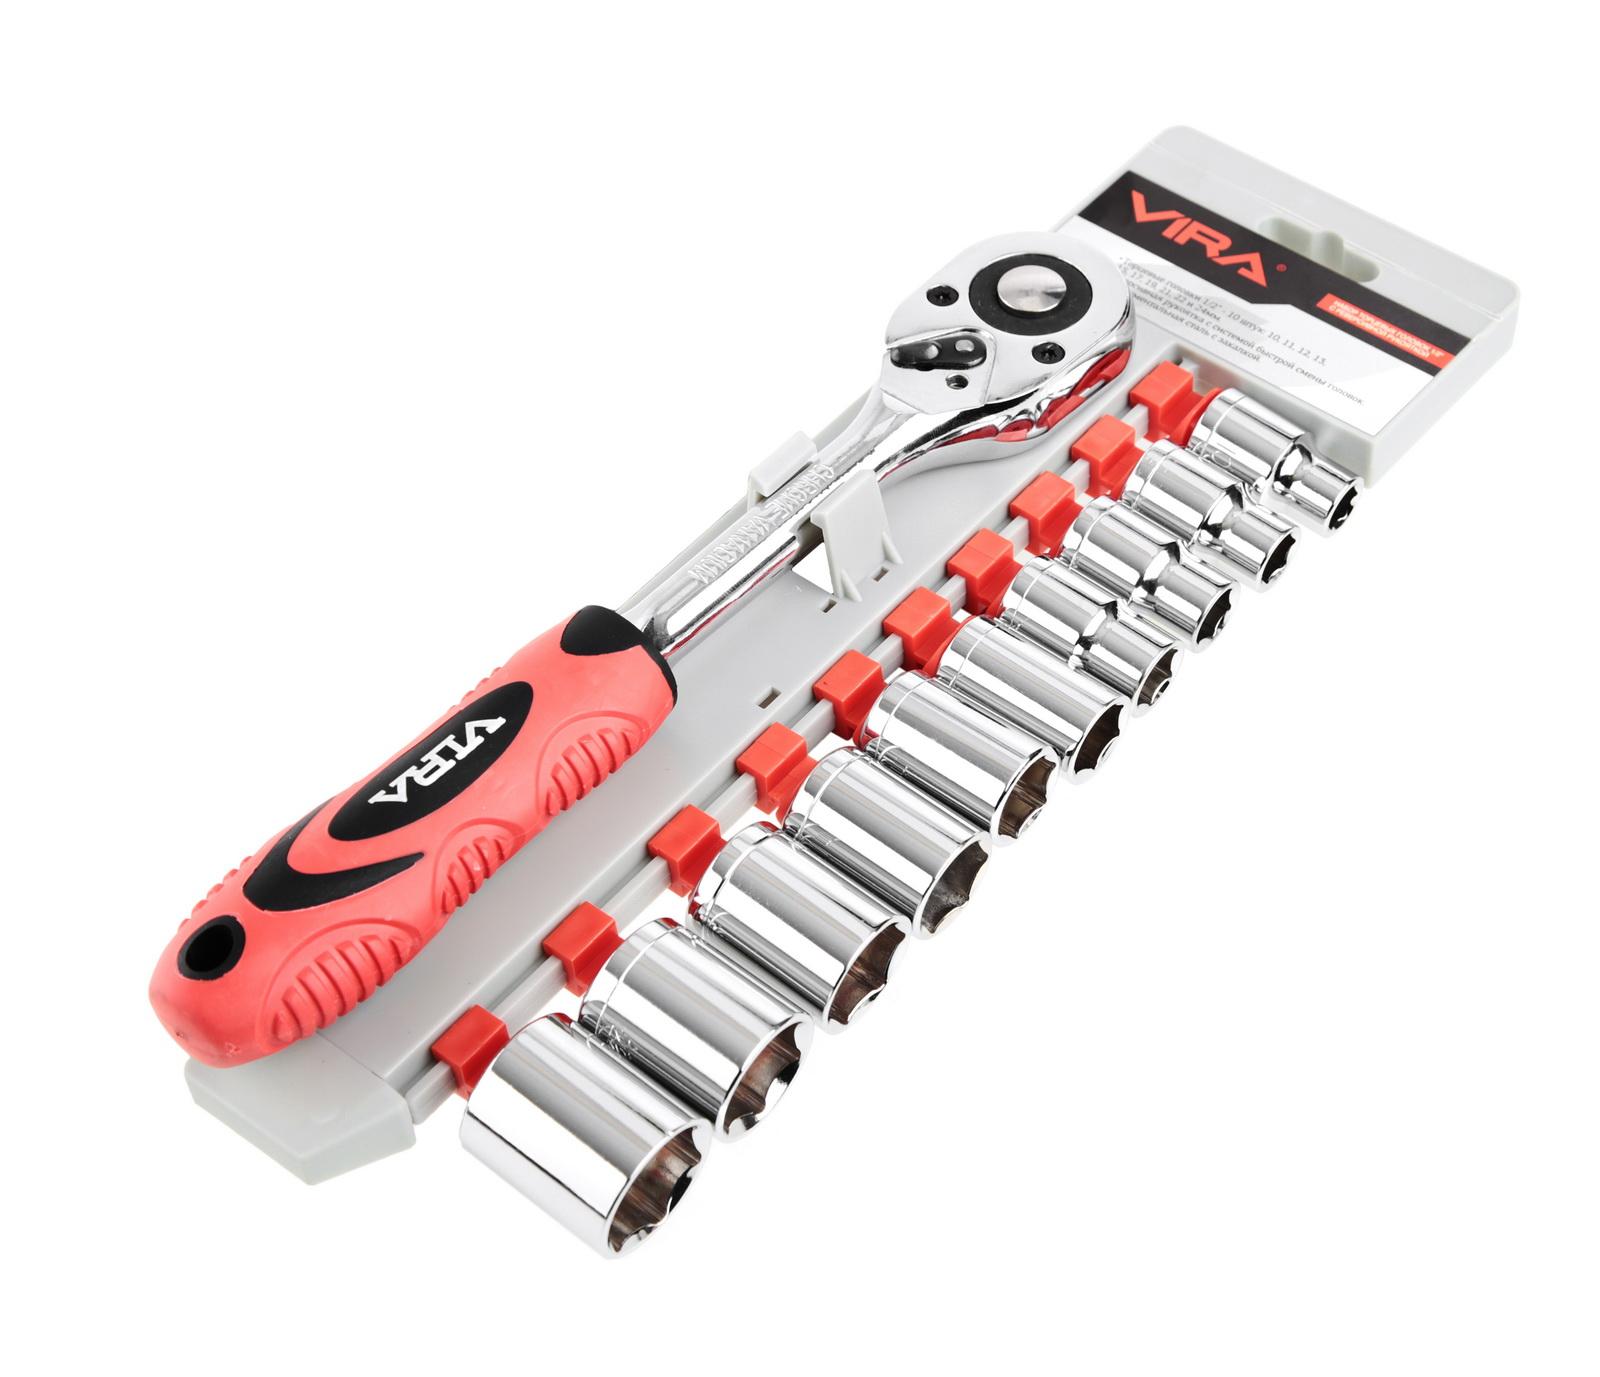 Набор гаечных ключей с трещоткой, 11 предметов Vira 305049  1/2''